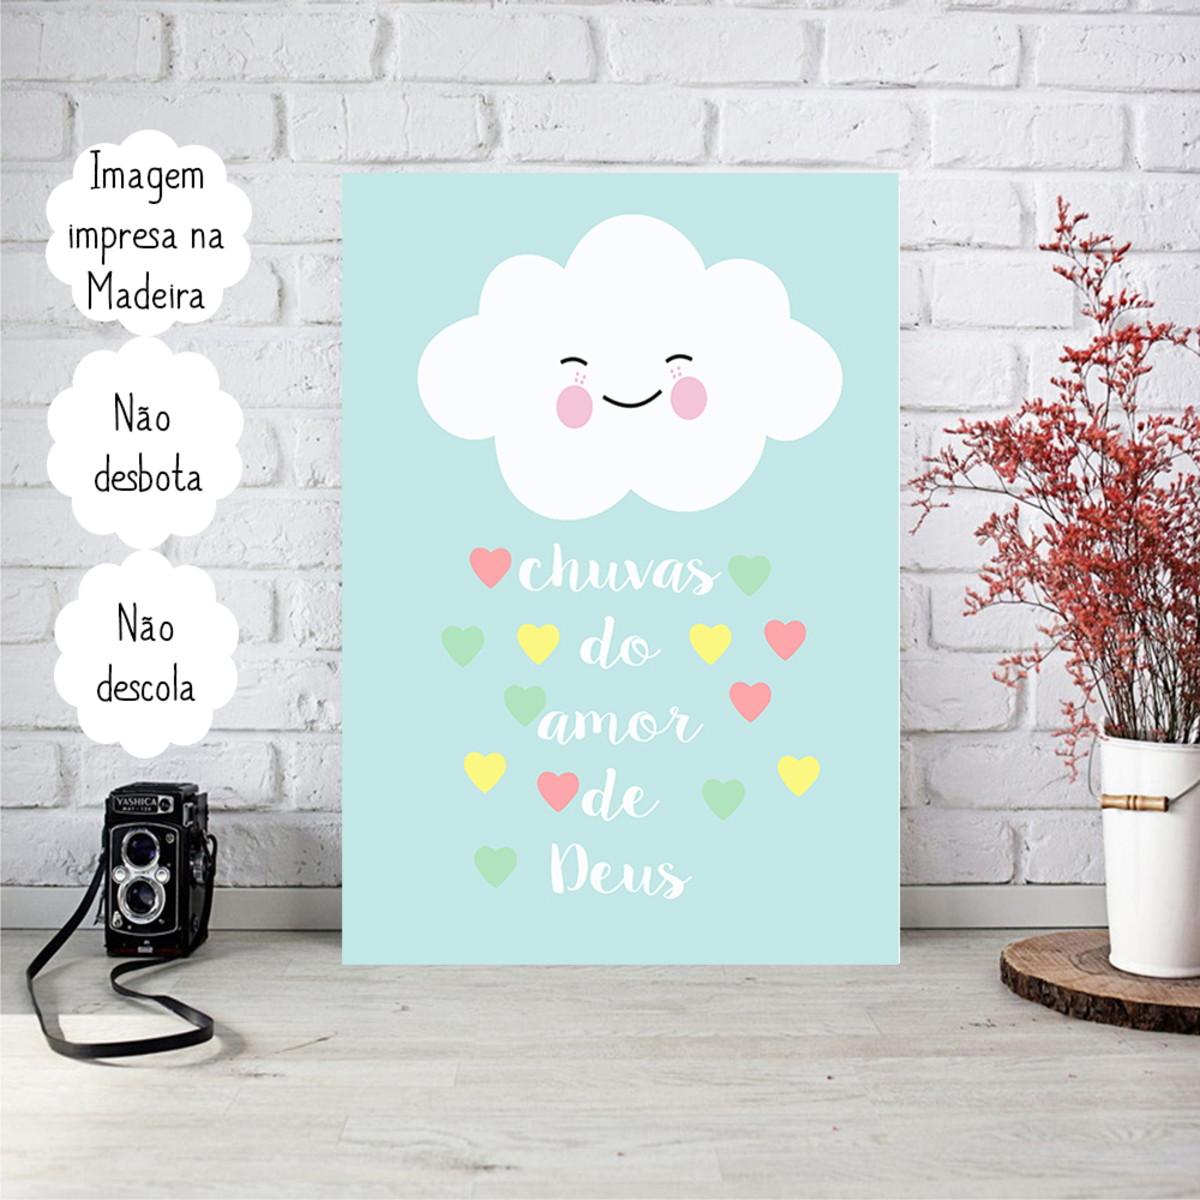 Placa Decorativa Personalizada Frase Chuva Do Amor De Deus